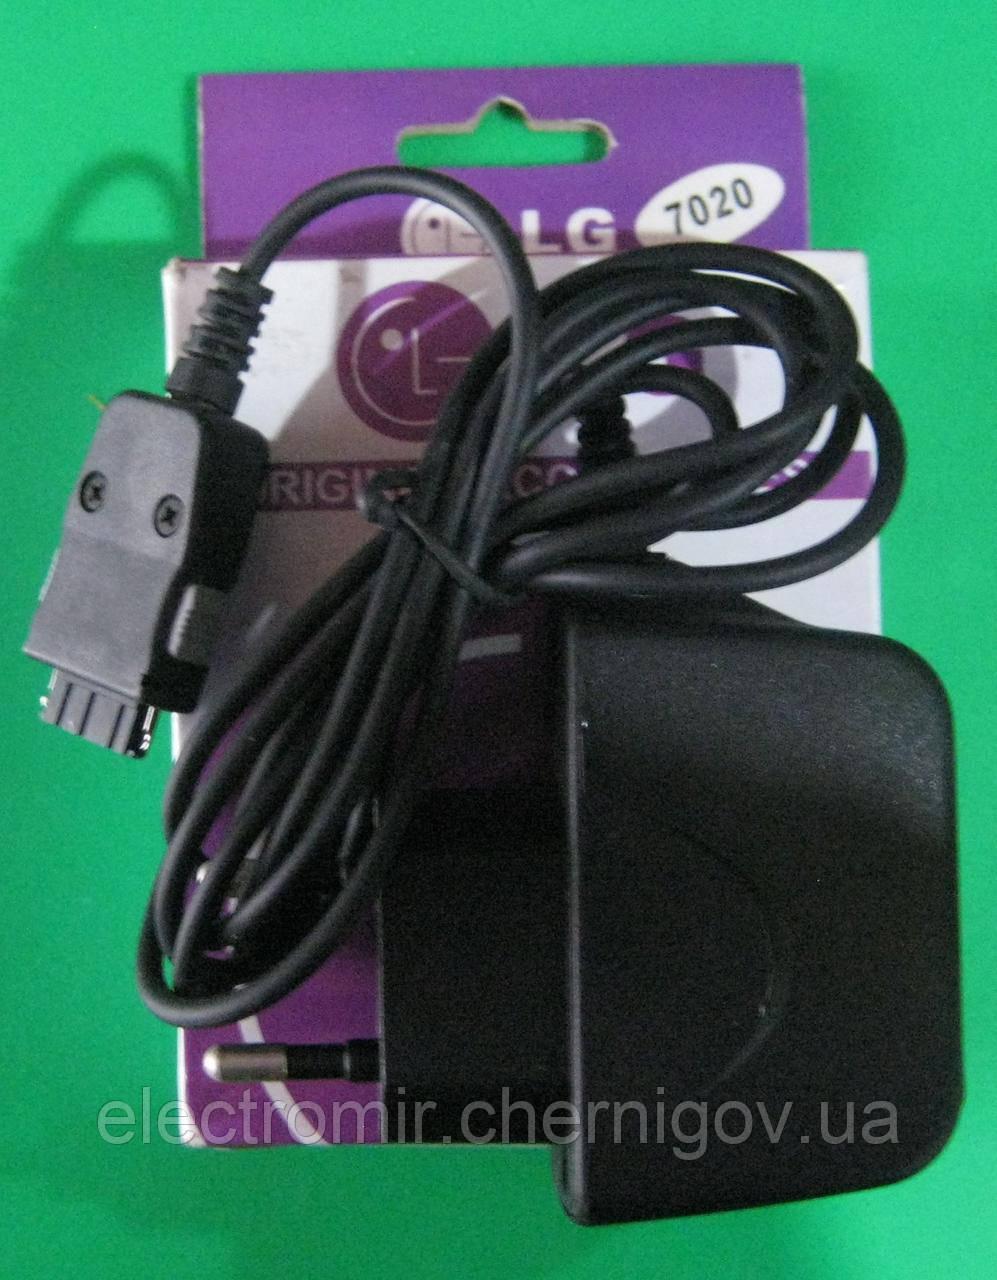 Сетевое зарядное устройство для телефона LG 7020